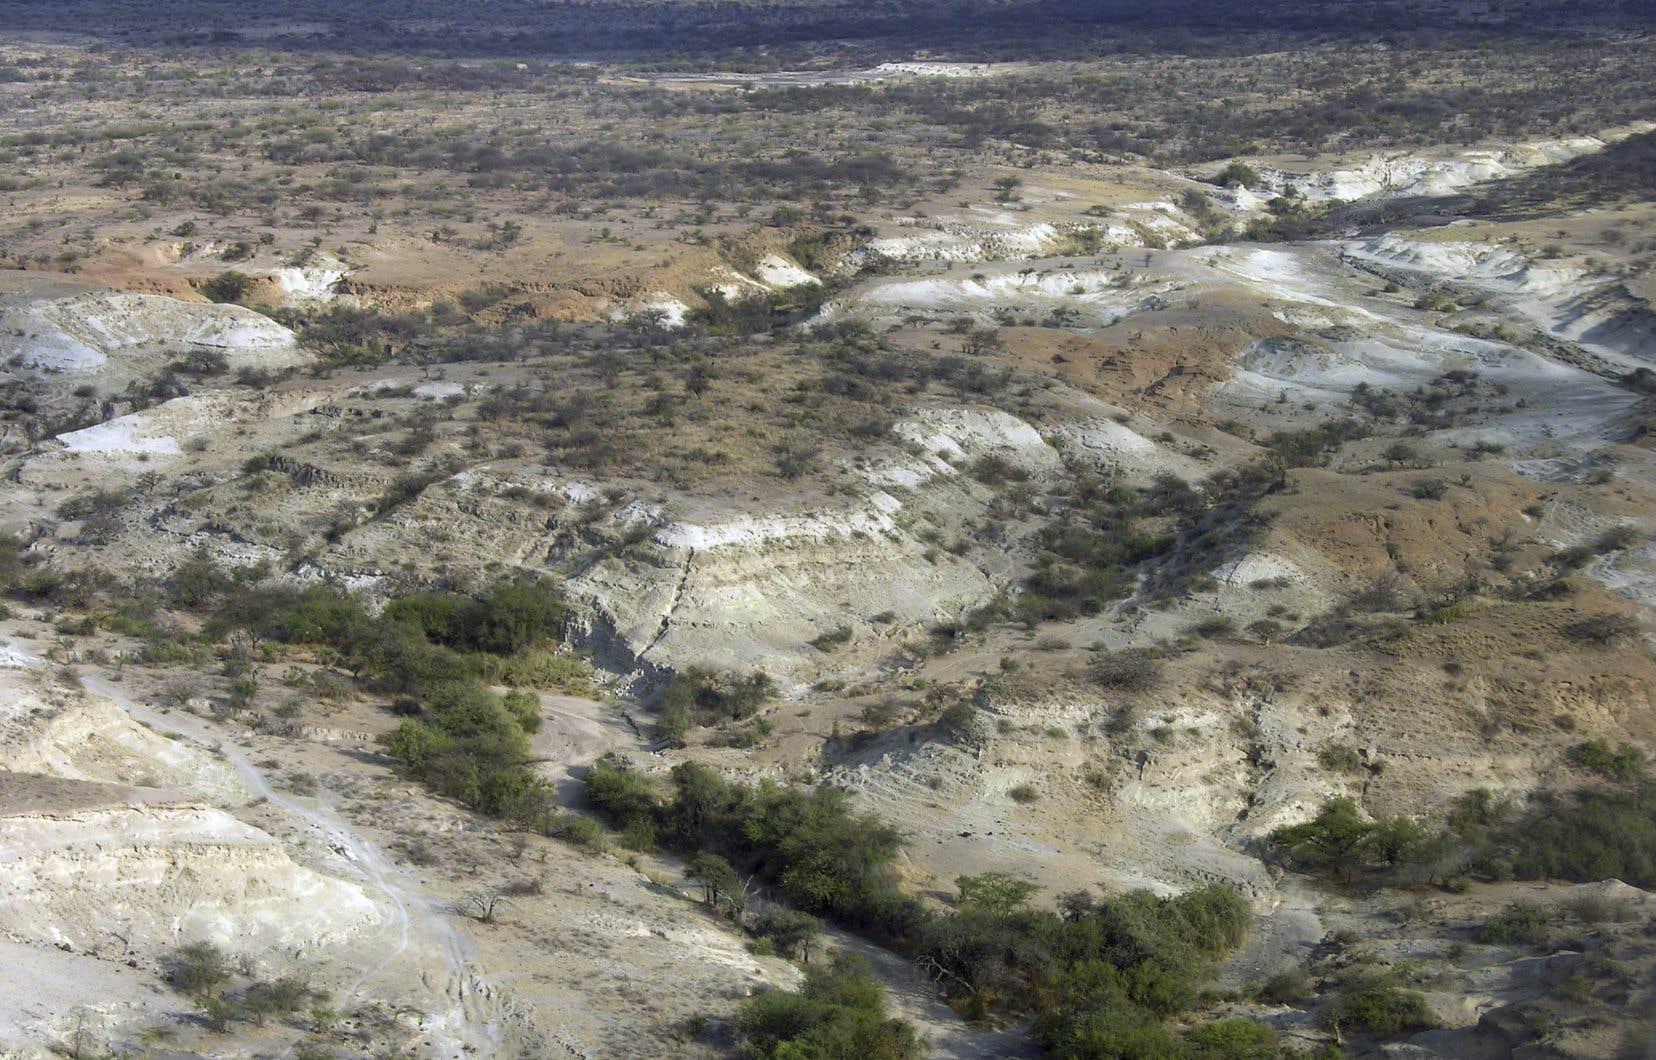 Le bassin d'Olorgesailie